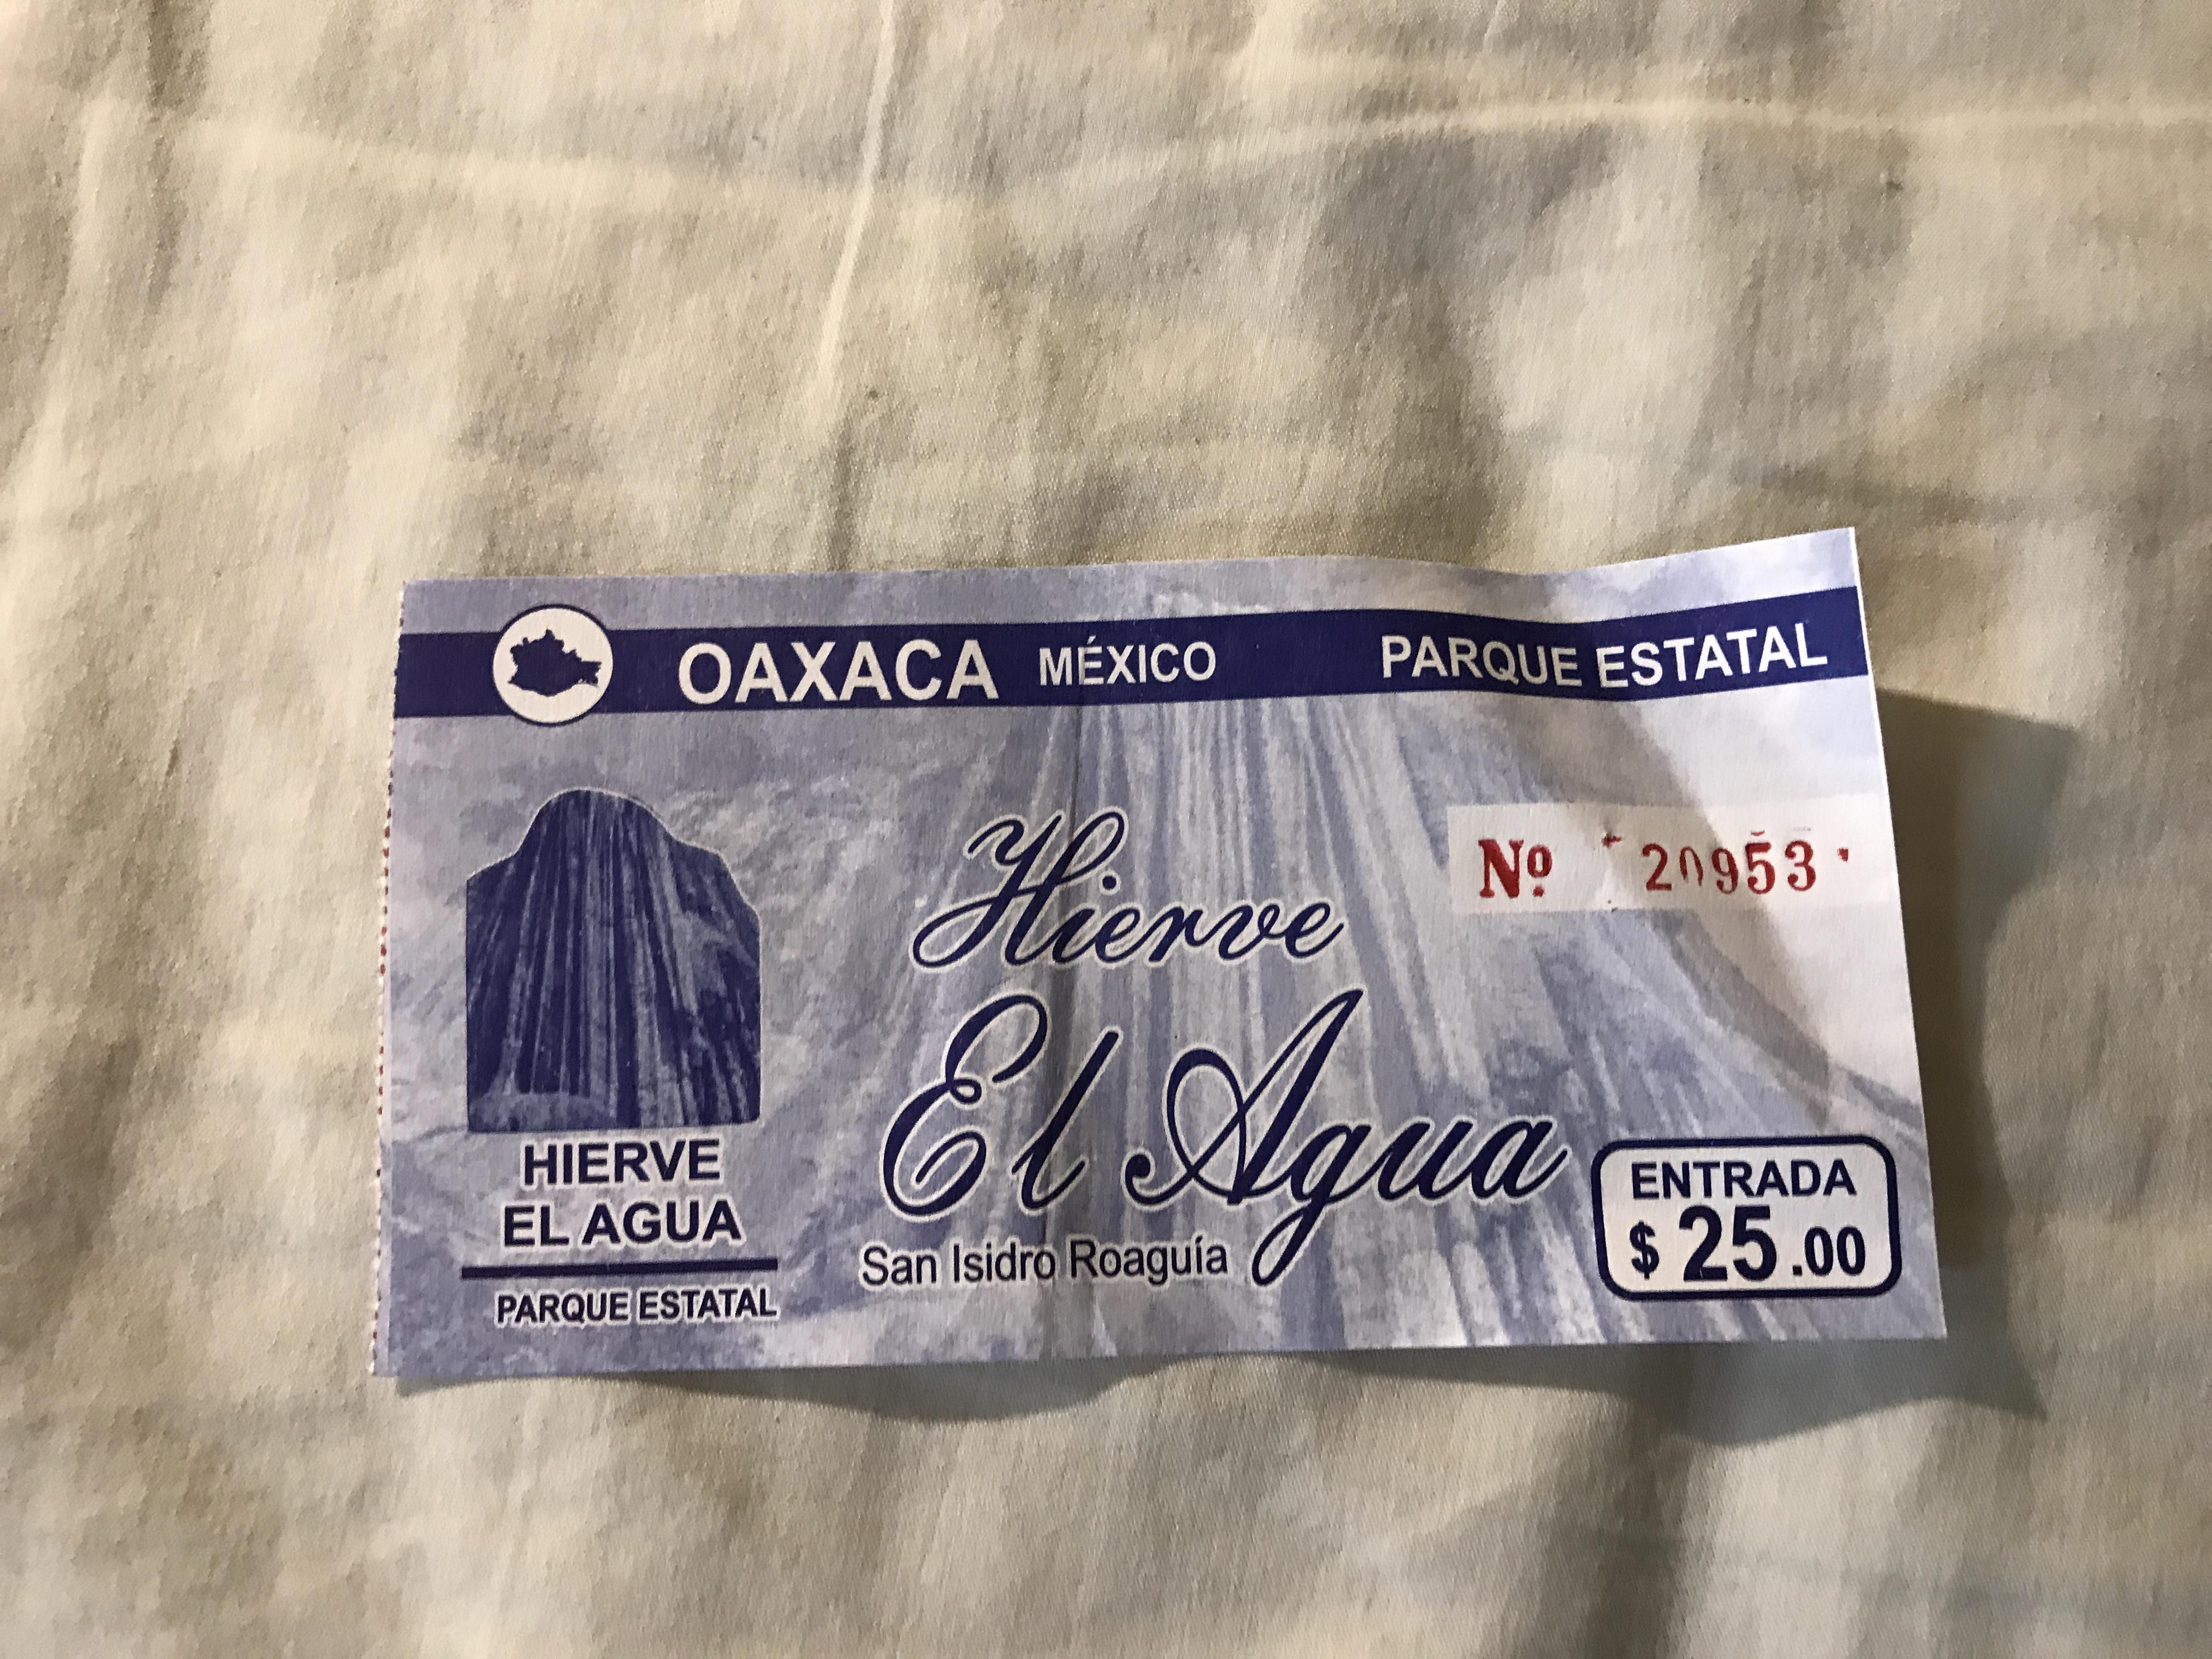 イエルベエルアグアの入場チケット